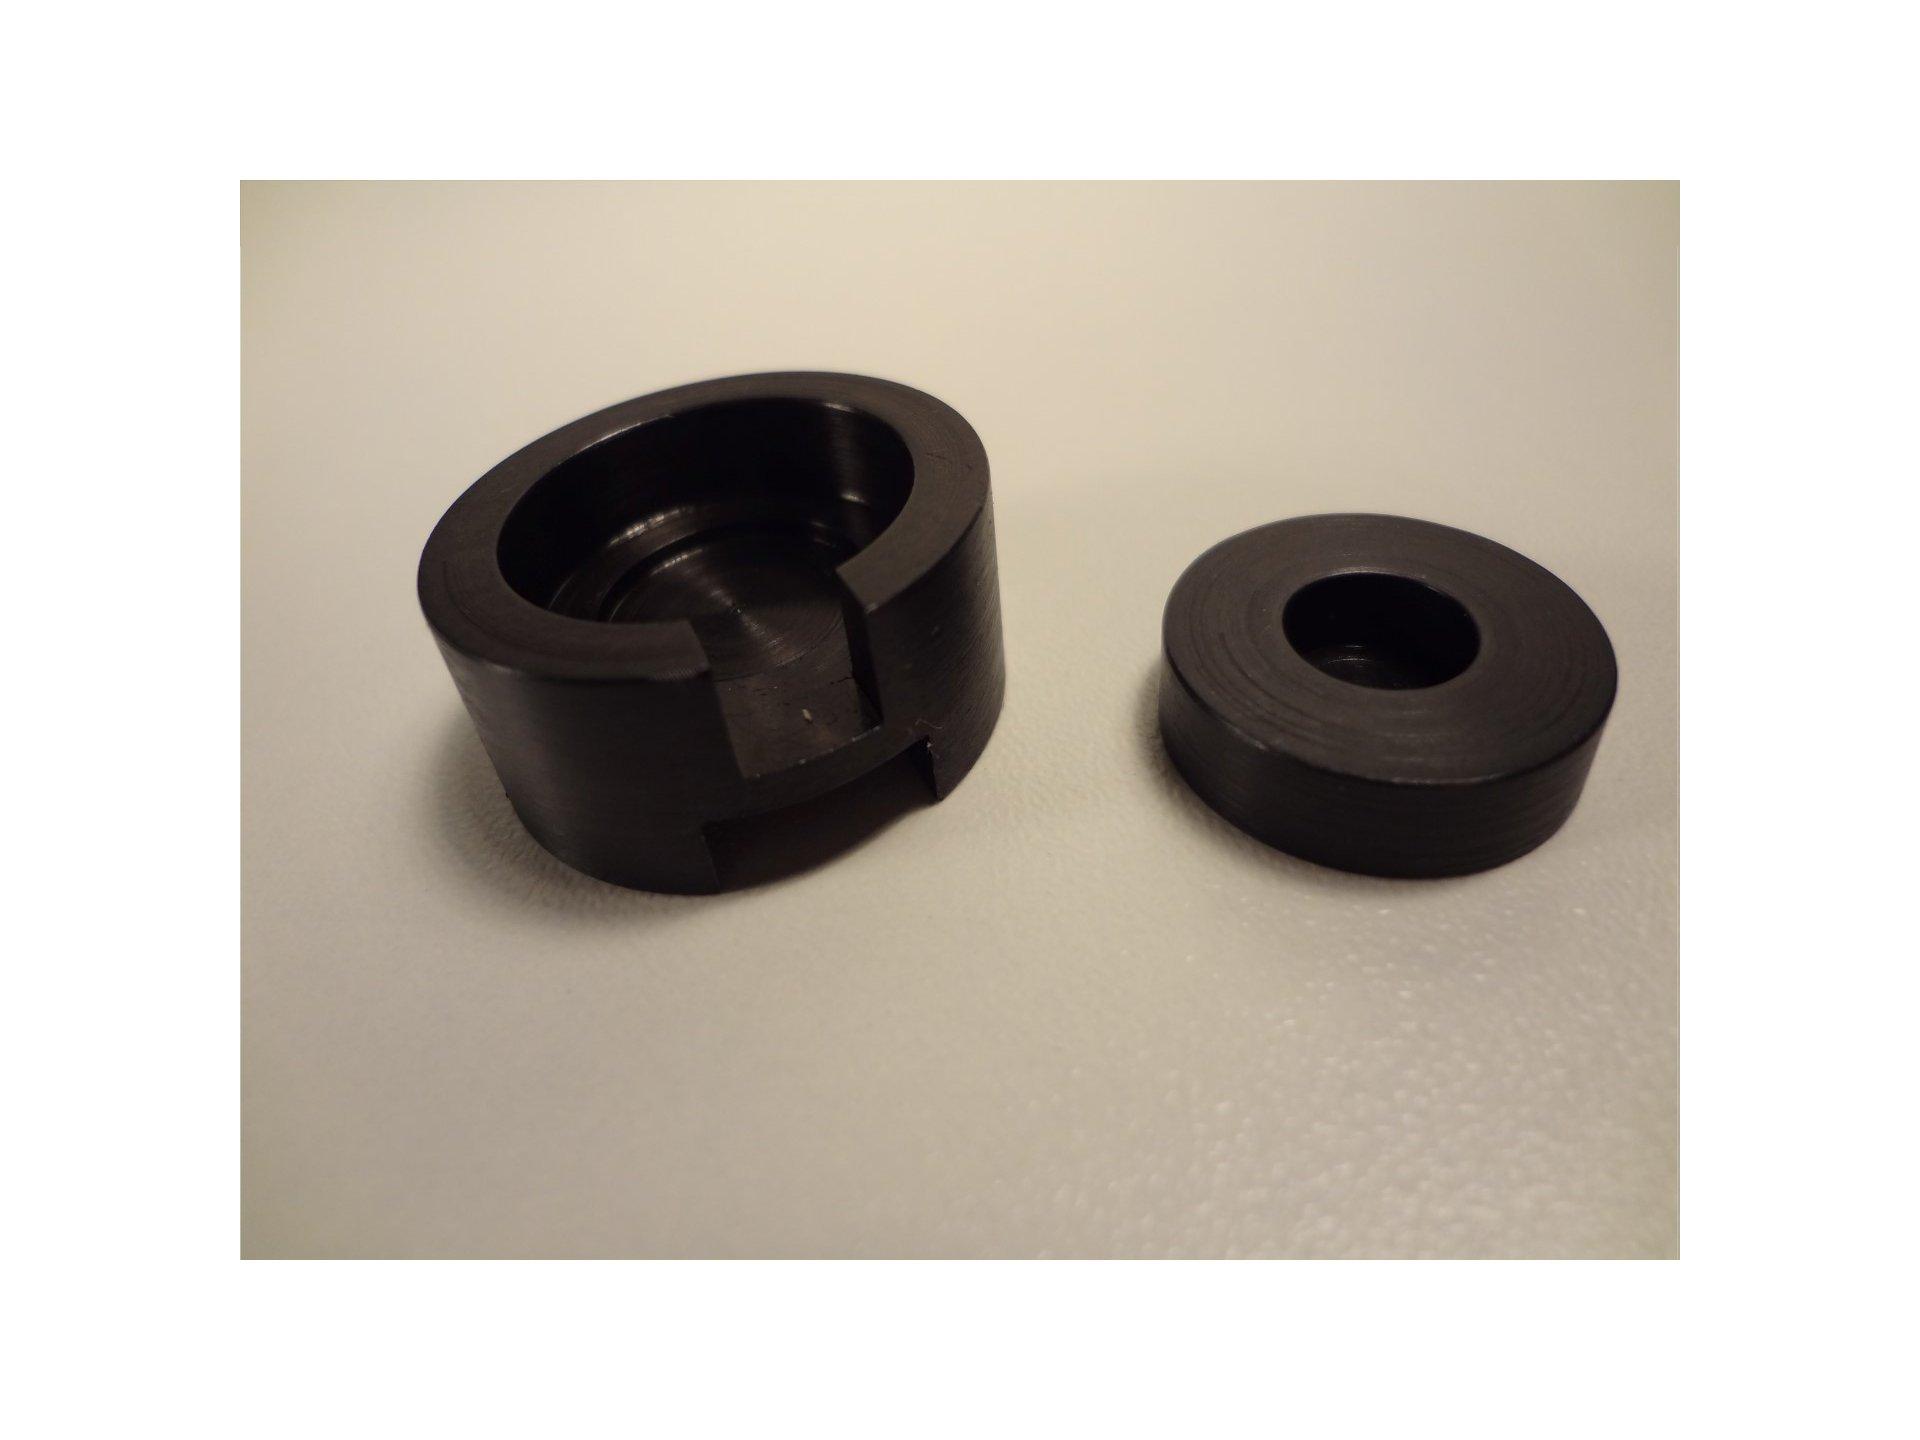 Centralizador Para Molas Pistão Pneumático Sag Ar1000 / Beeman 1072/1074 - Quickshot